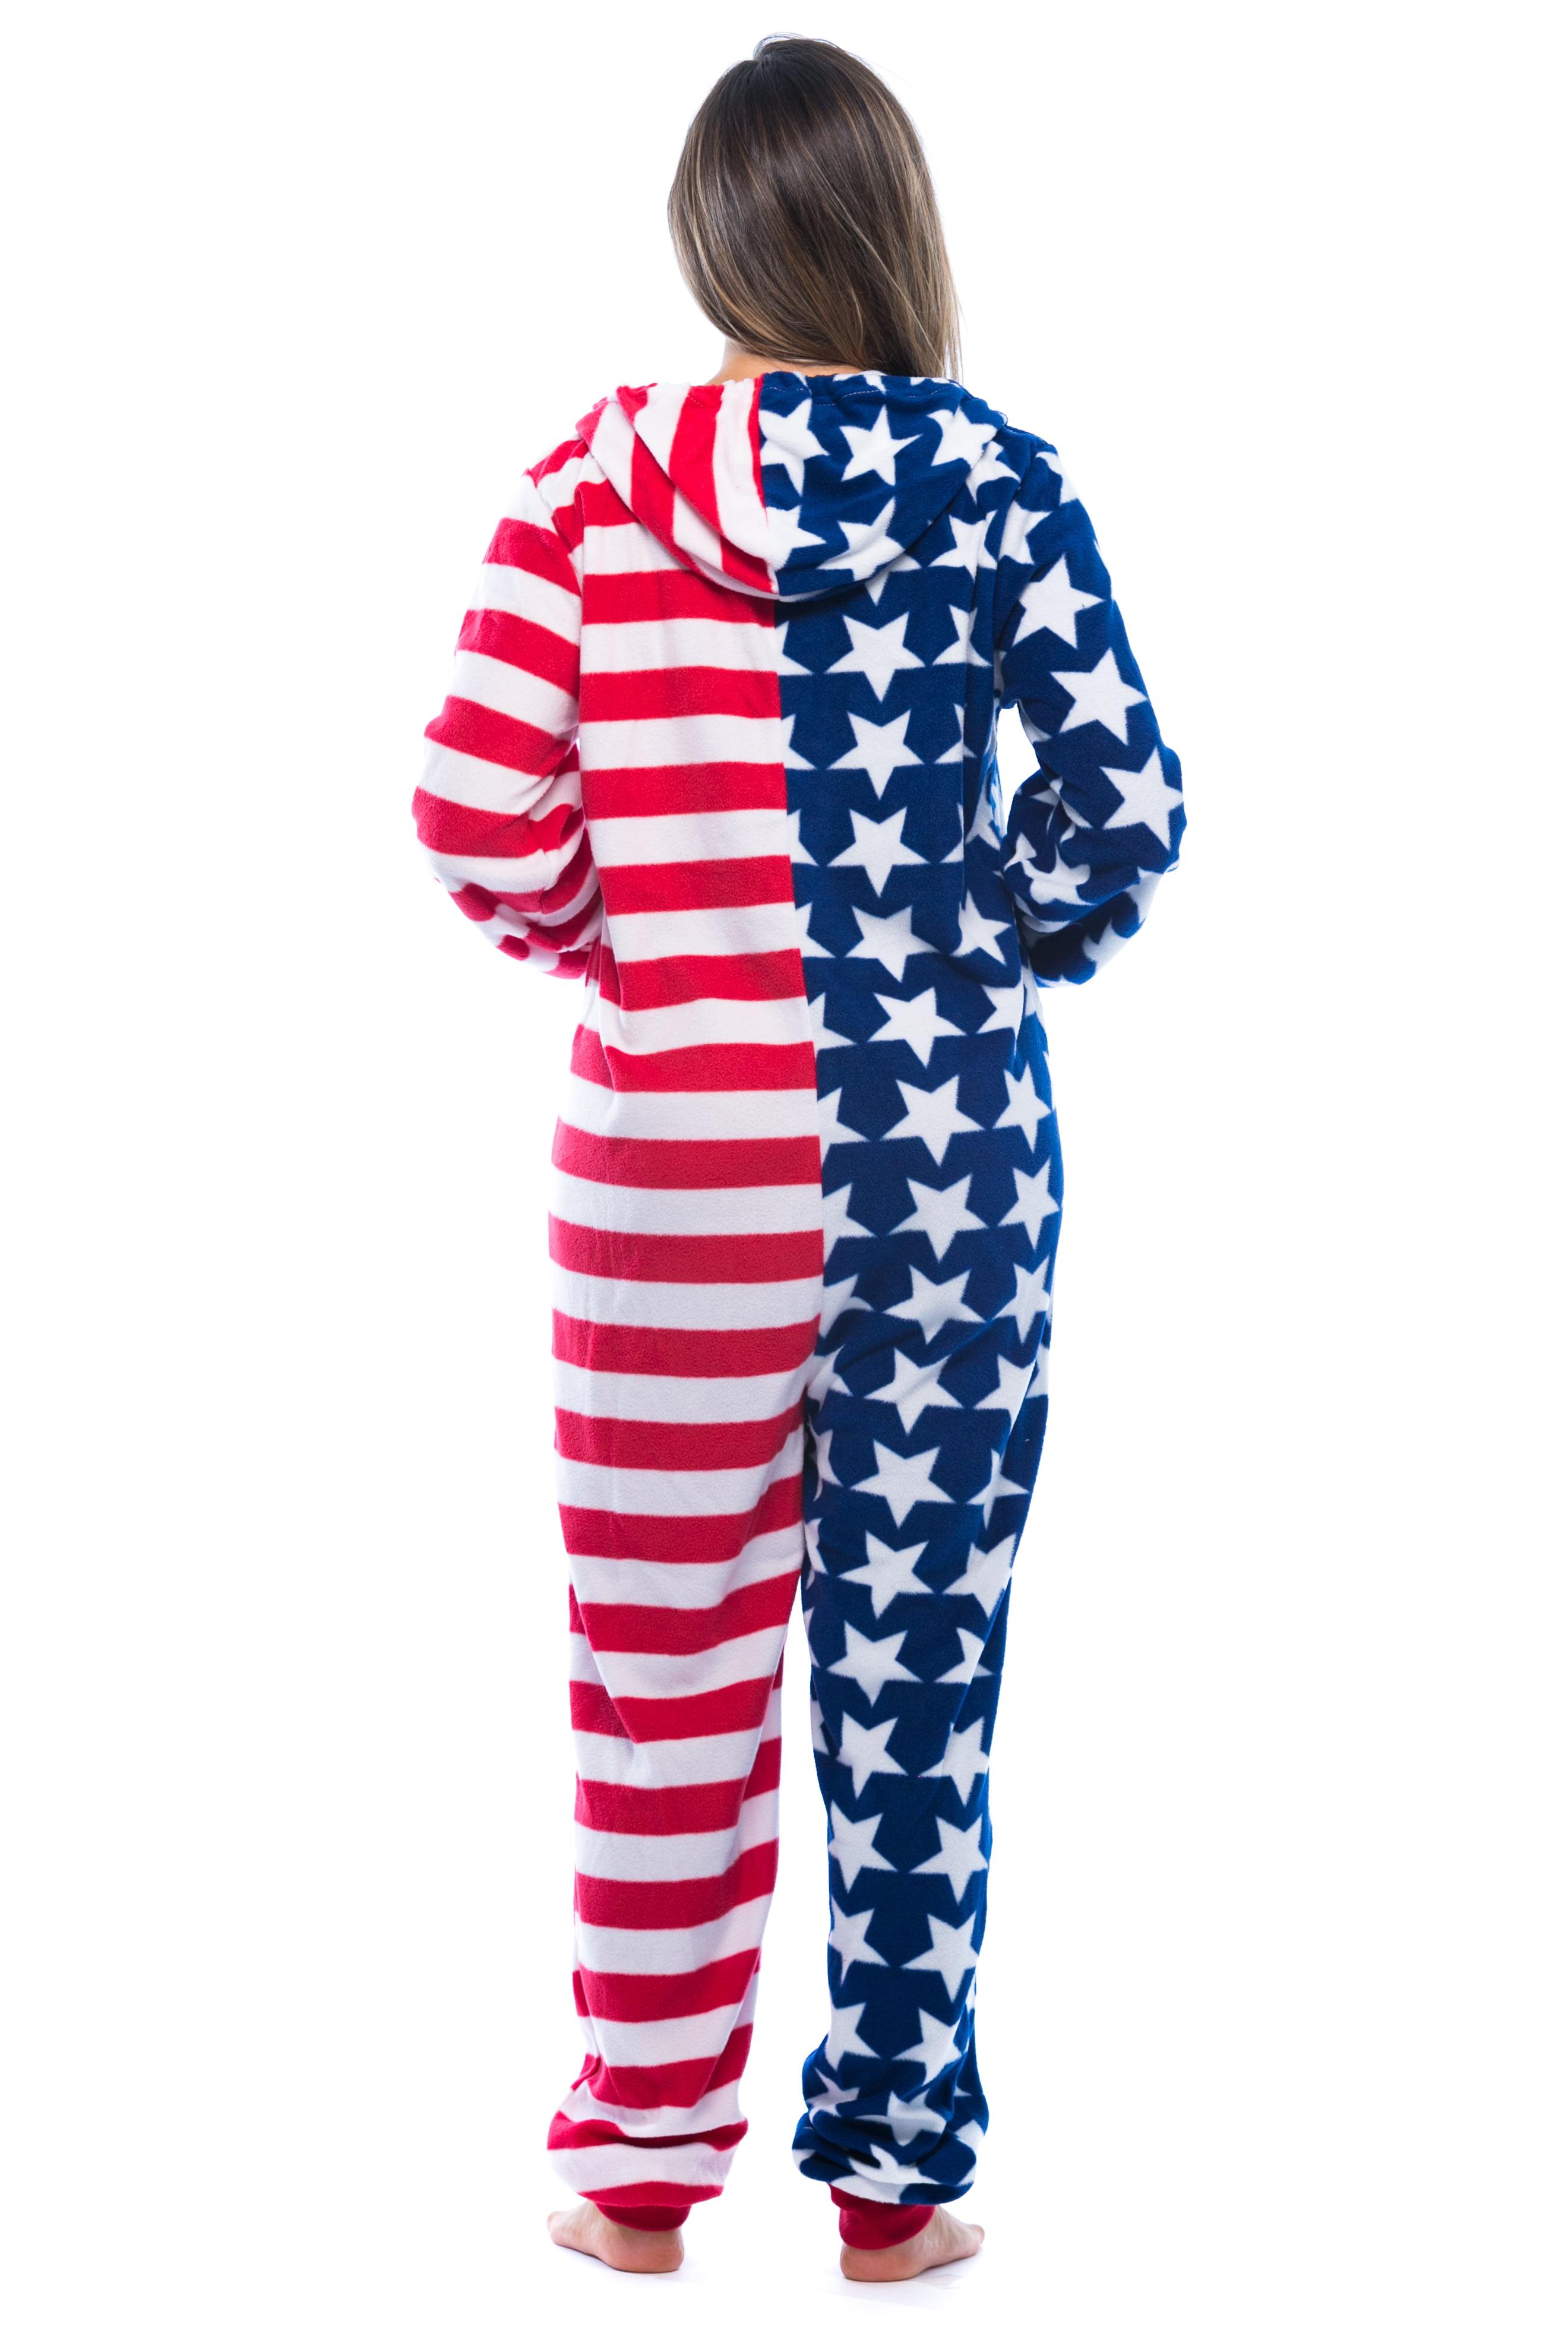 de546e82da01 FollowMe -  FollowMe American Flag Adult Onesie   Pajamas - Walmart.com